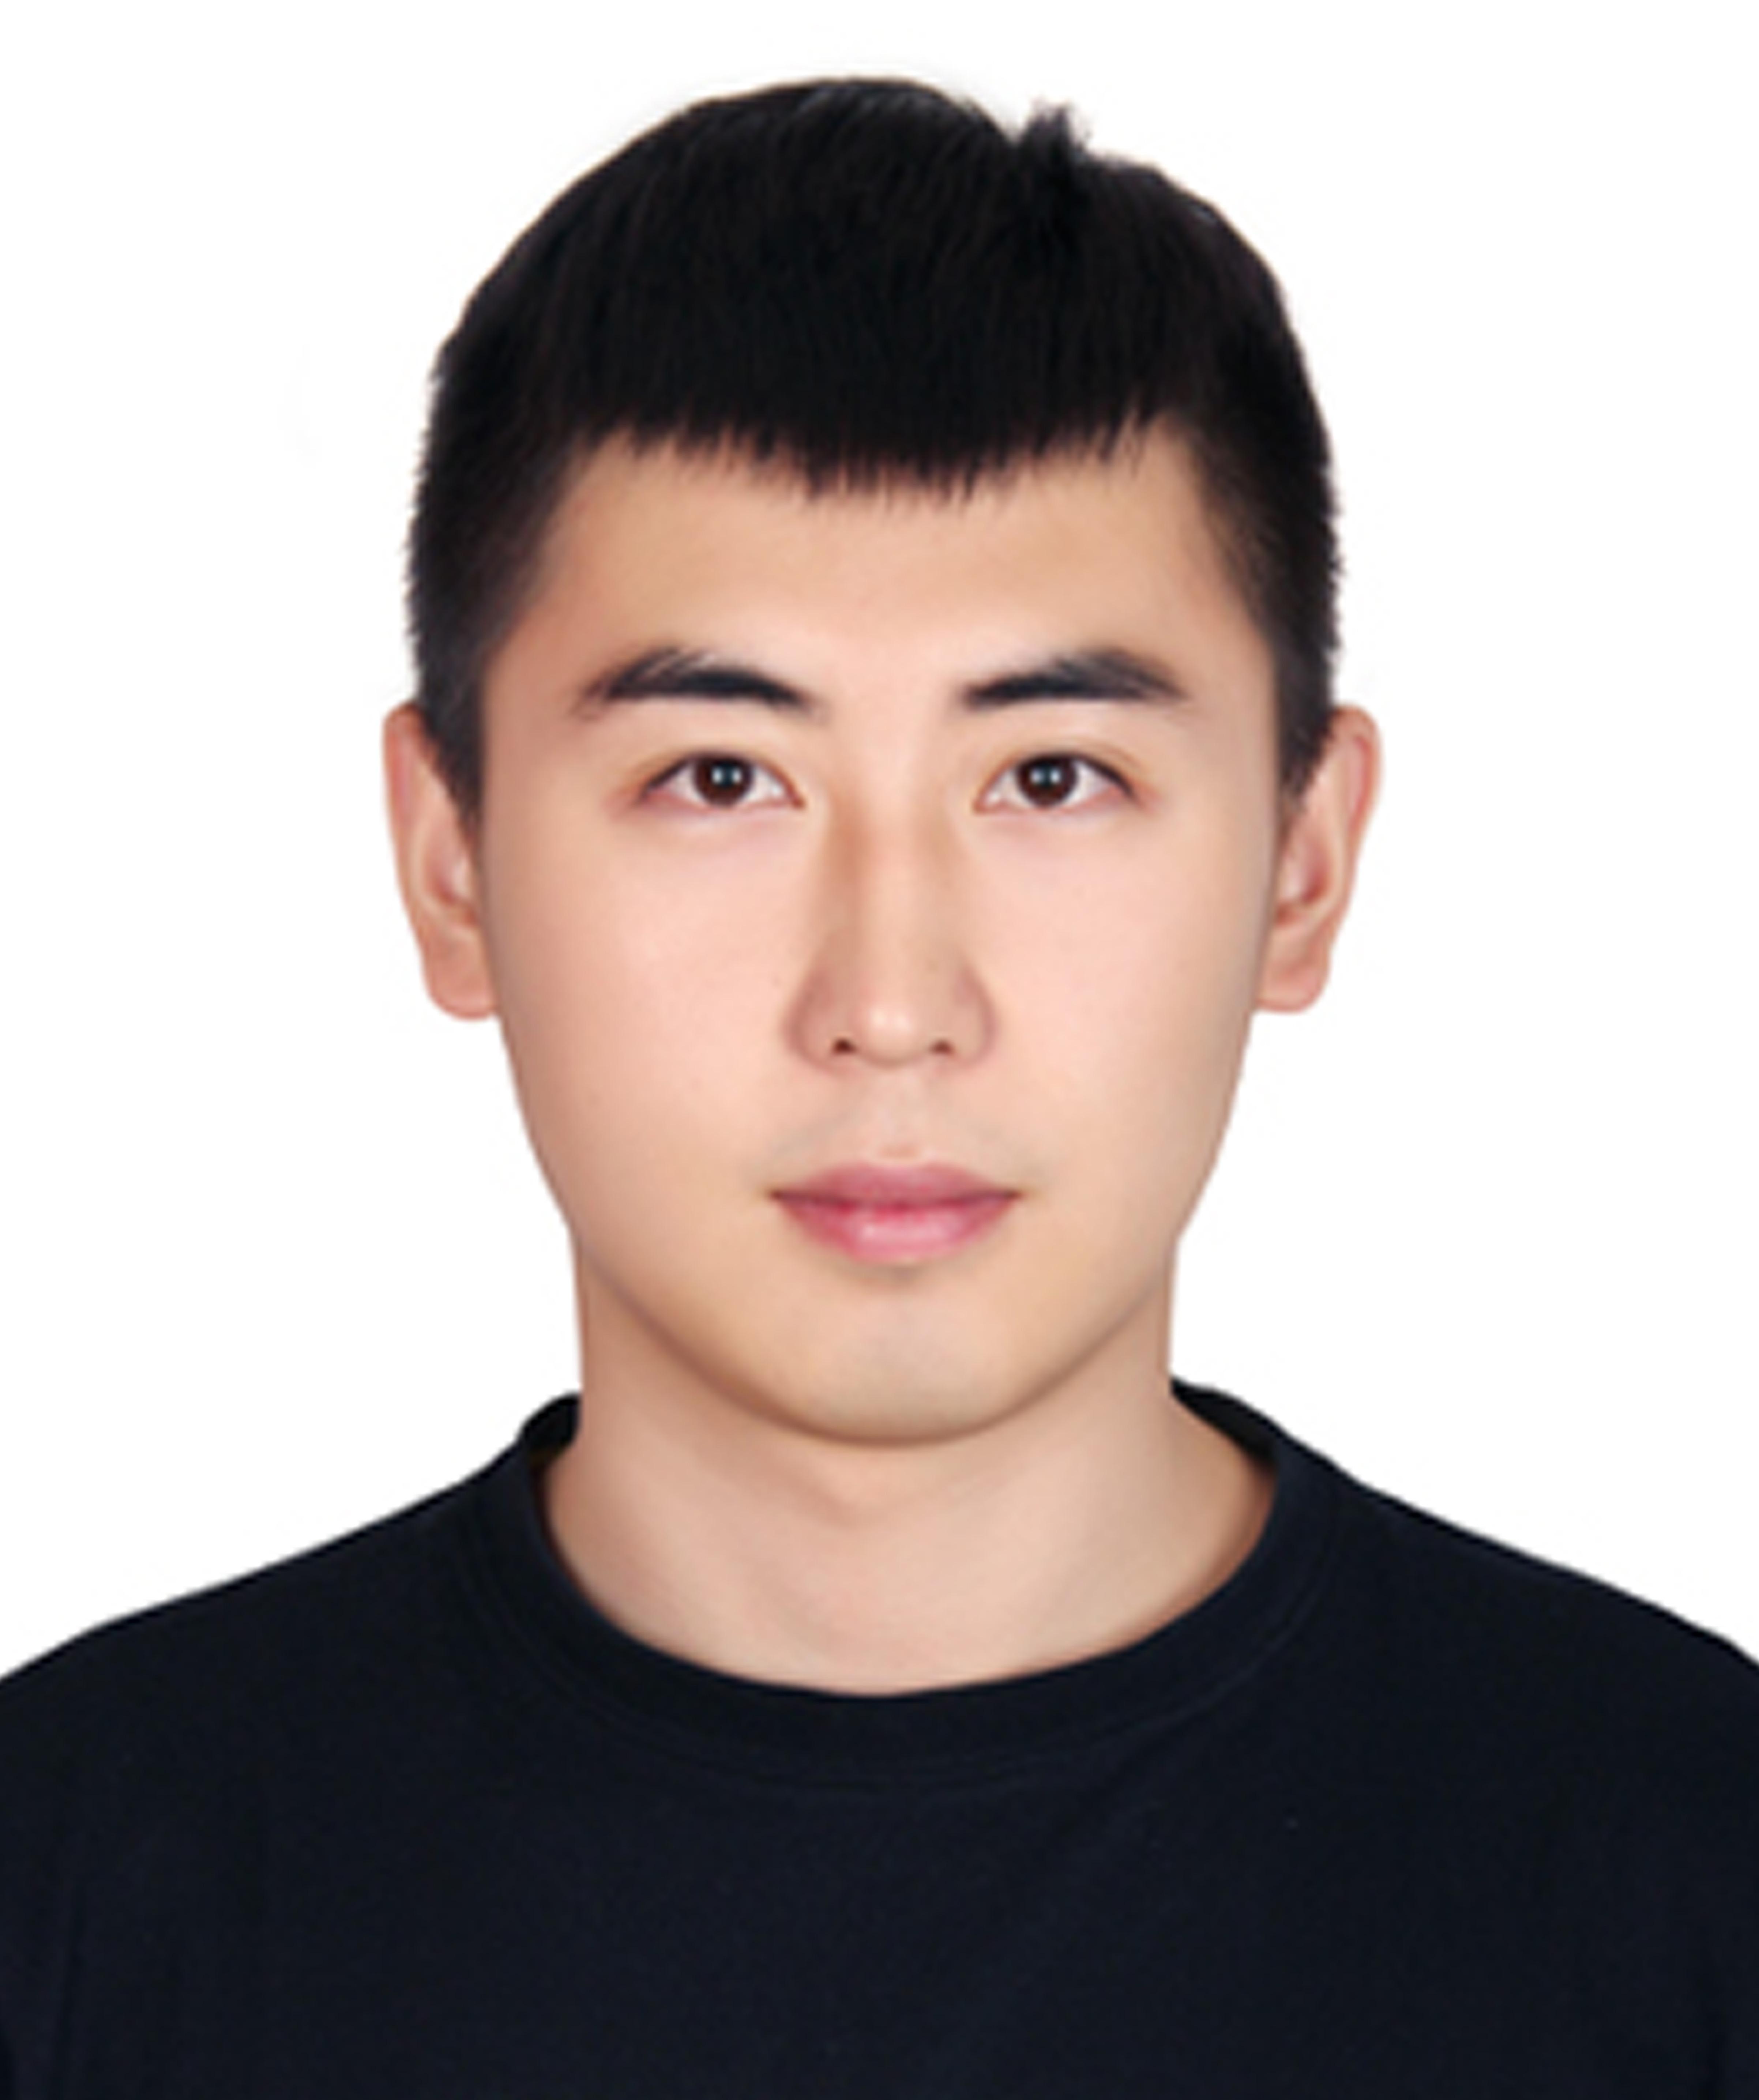 刘洋设计师